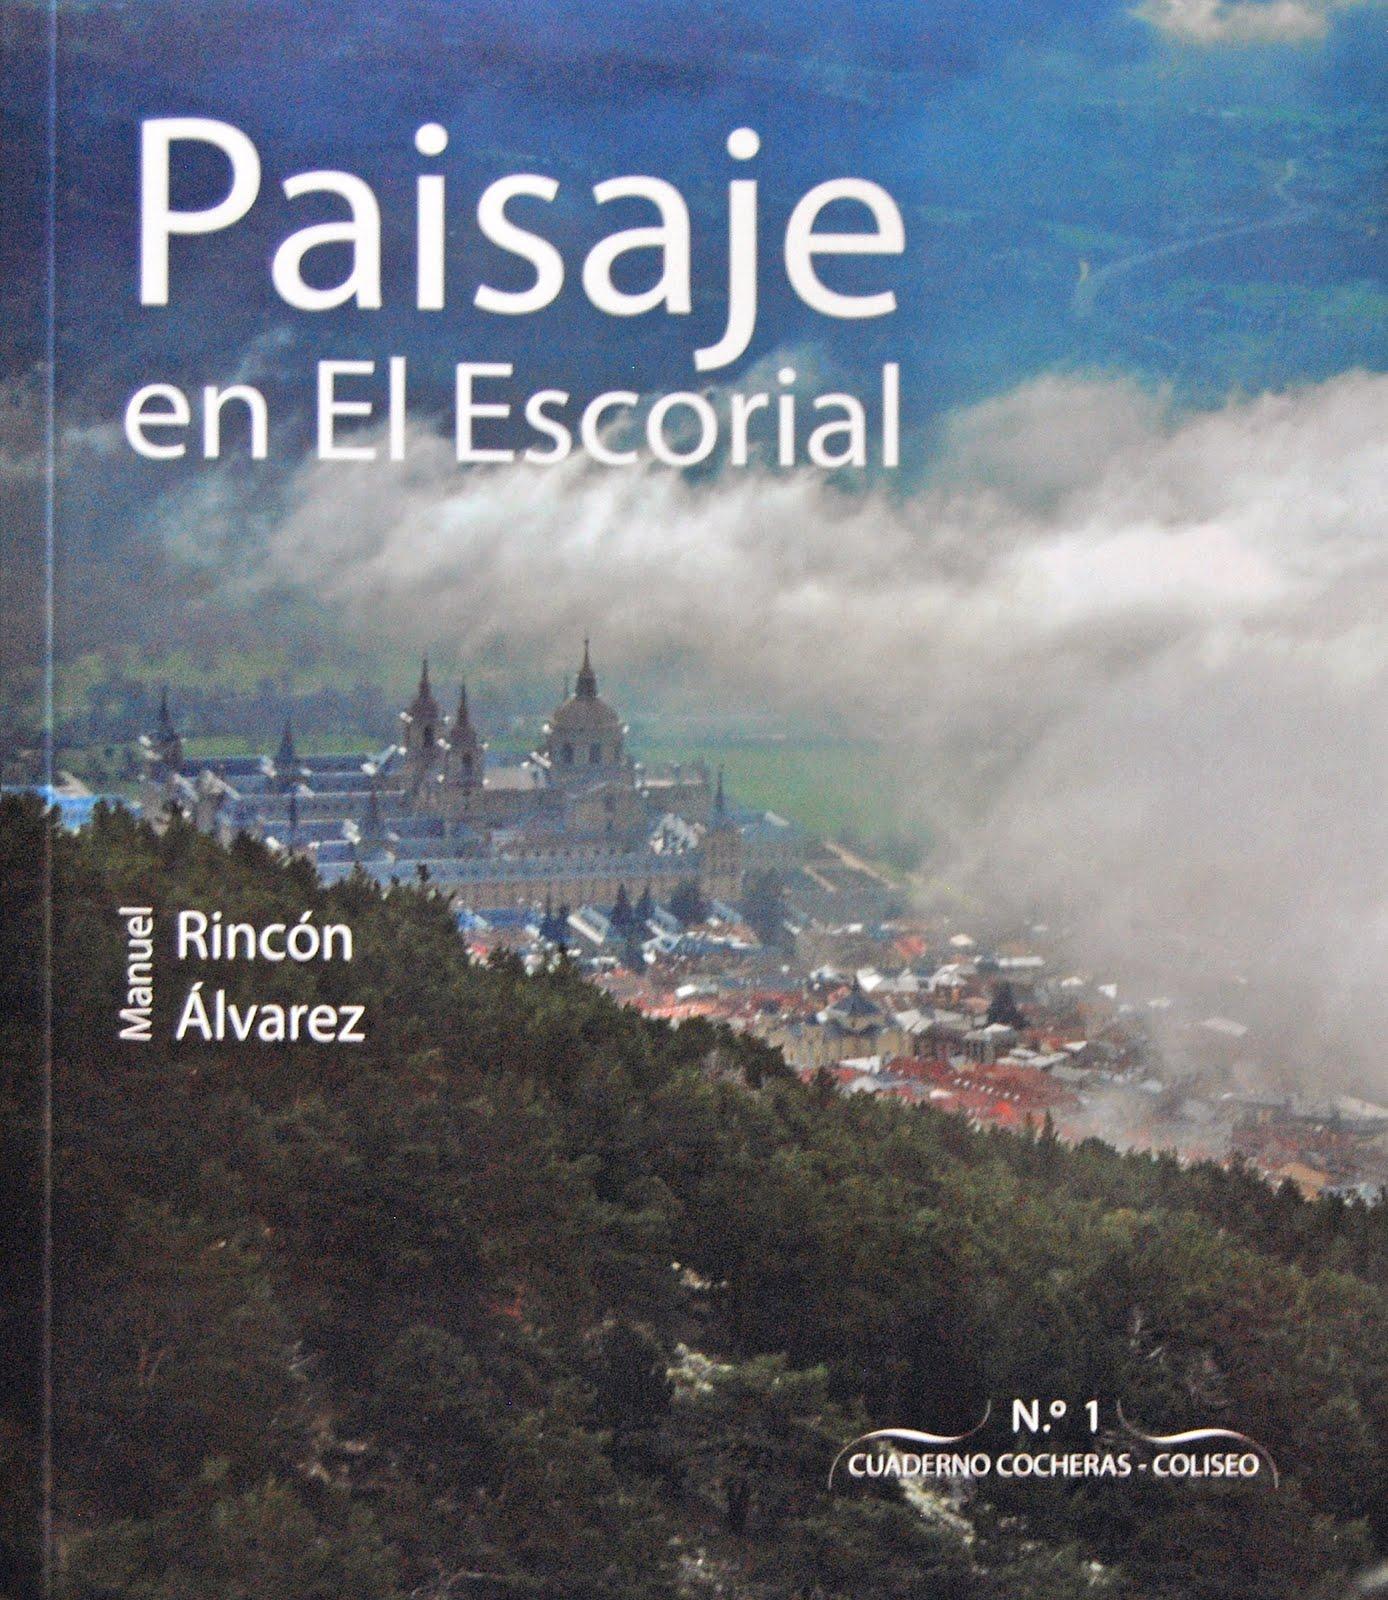 2ª edición Paisaje en El Escorial